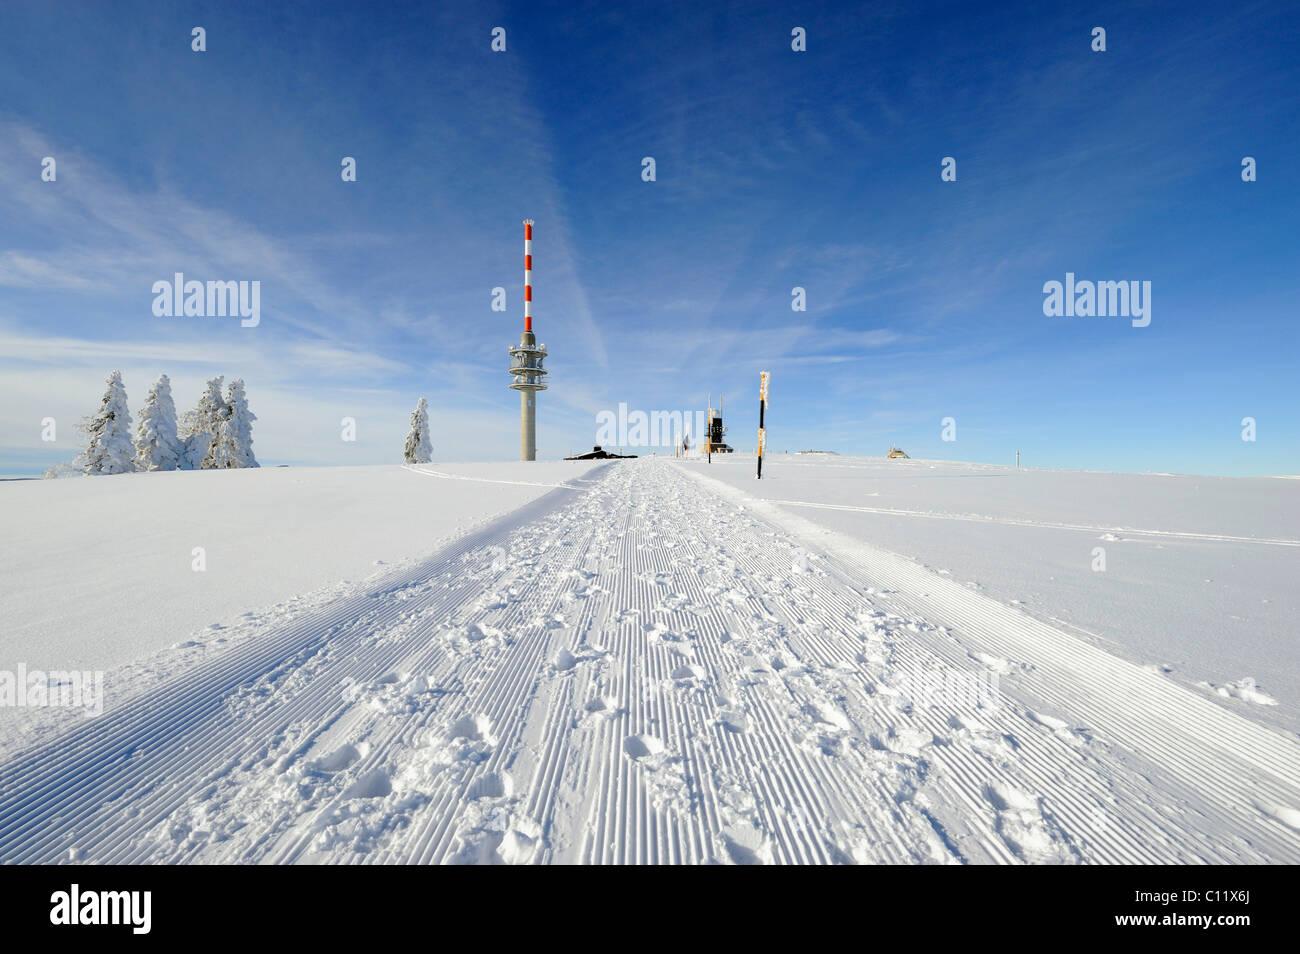 Gewalzten Schnee trail auf dem 1493m hohen Mt. Feldberg im Schwarzwald, am Horizont die neue Feldbergturm-Antenne Stockbild